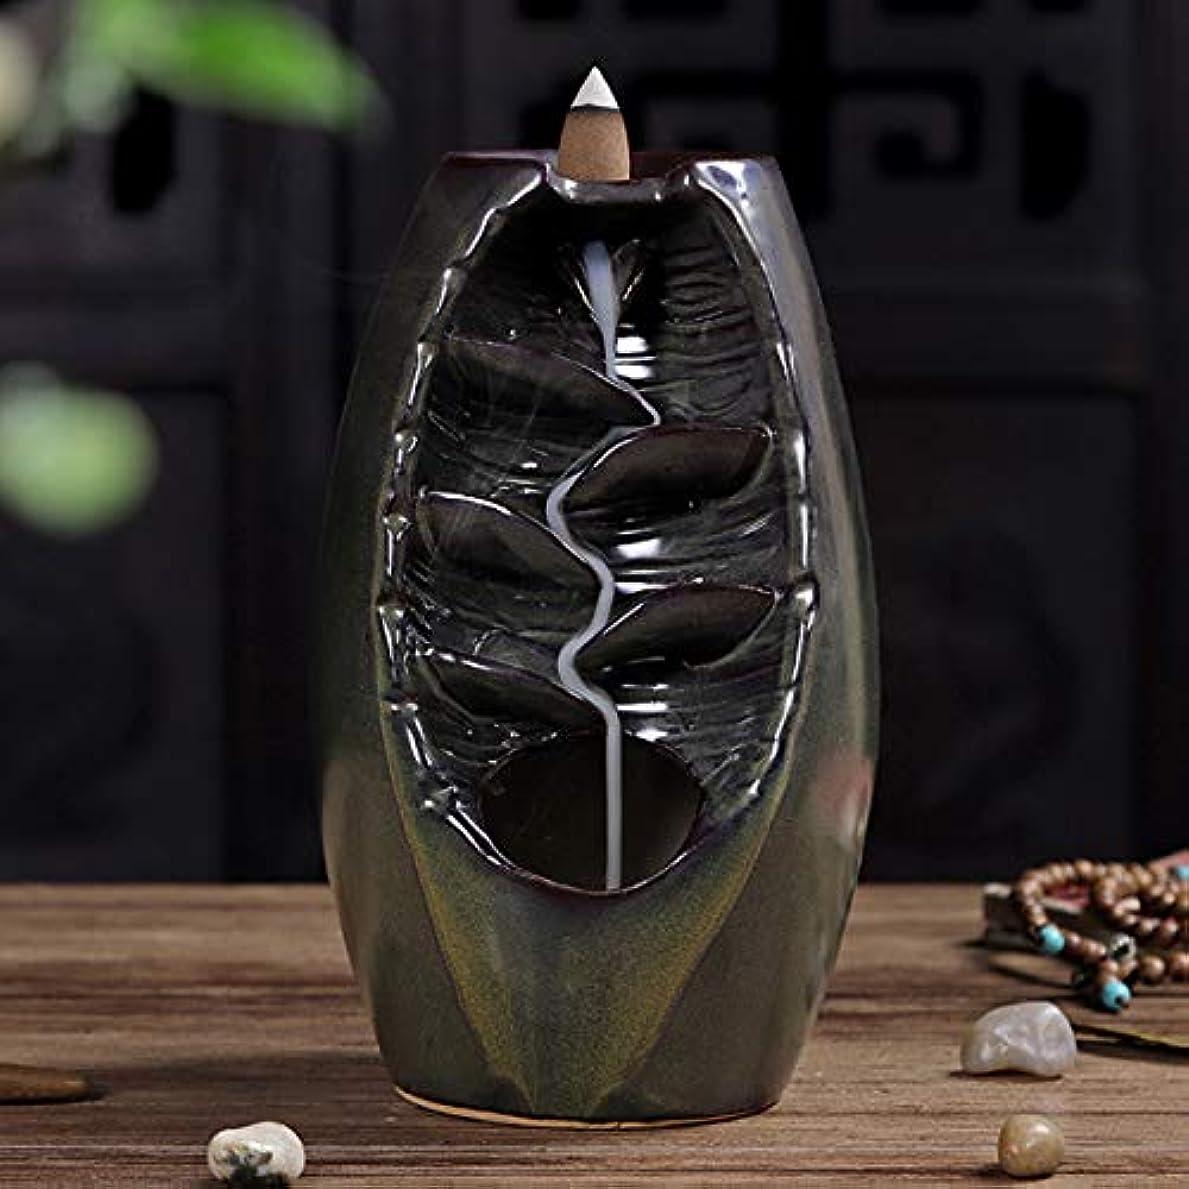 不適懇願する公爵Vosarea 逆流香バーナー滝香ホルダーアロマ飾り仏教用品(茶)